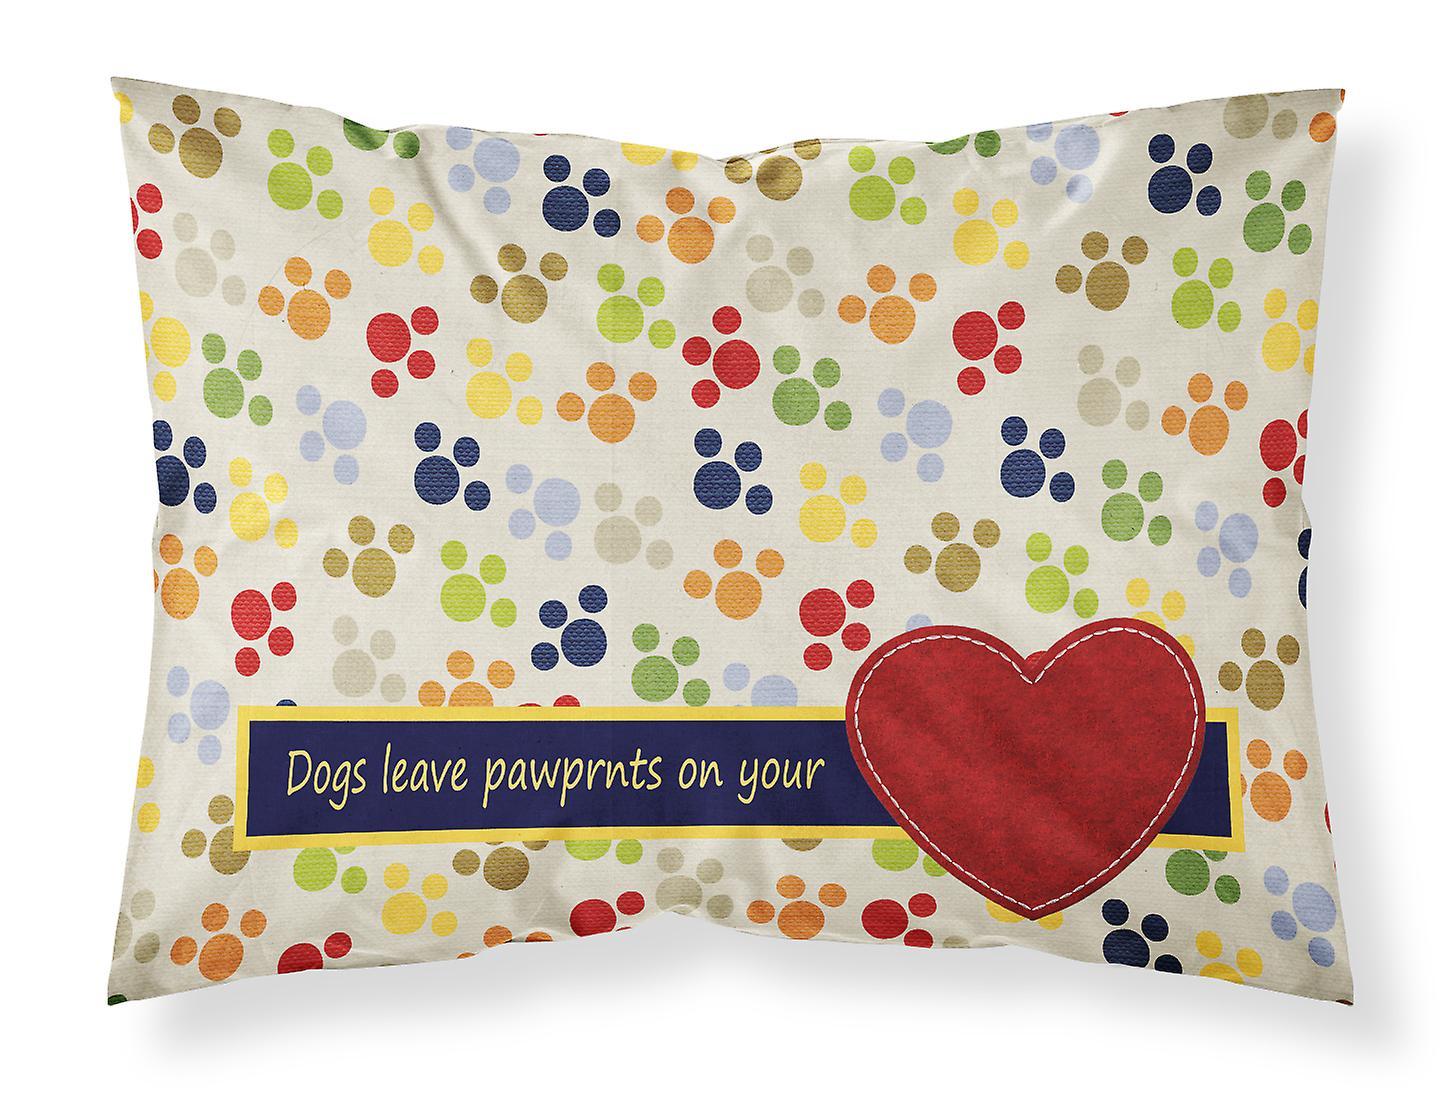 Laissent Coeur Chiens L'humidité Pawprints Sur Votre Standard Les D'oreiller Wicking Taie Tissu F5uK13lcTJ